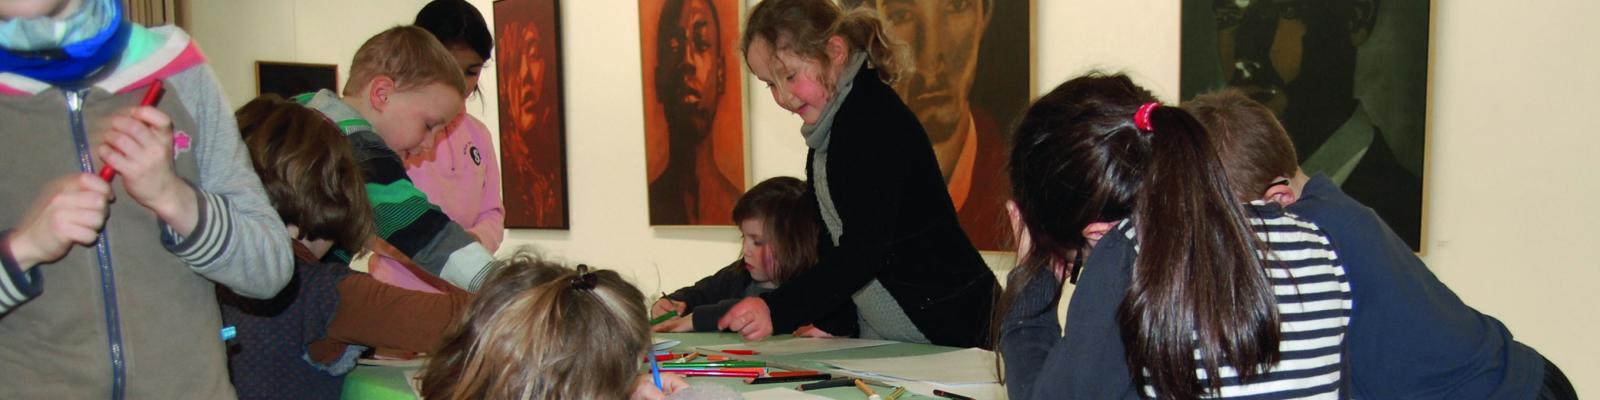 Kinderen die in de Bijl aan het tekenen zijn. Op de achtergrond hangen er schilderijen.